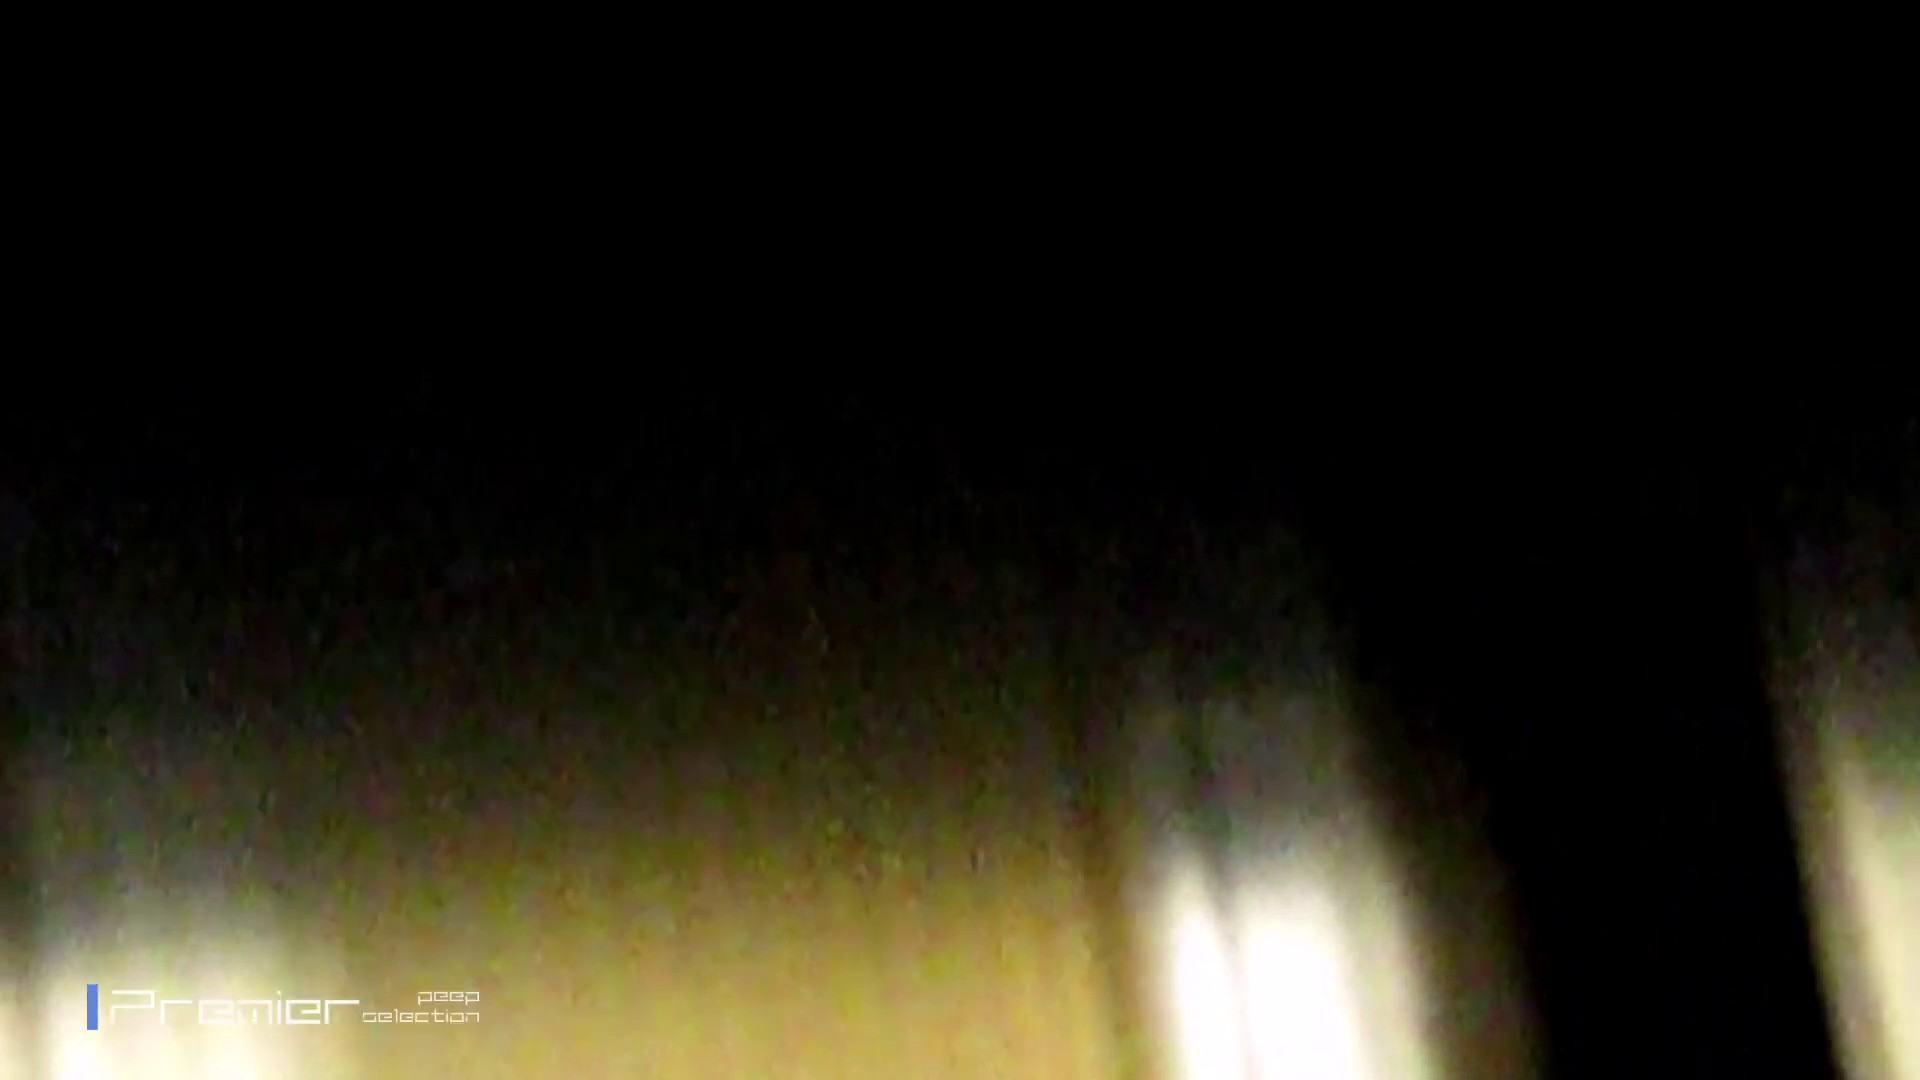 鏡に写る美女バレ盗撮 乙女の風呂場 Vol.10 細身女性 セックス画像 86画像 18